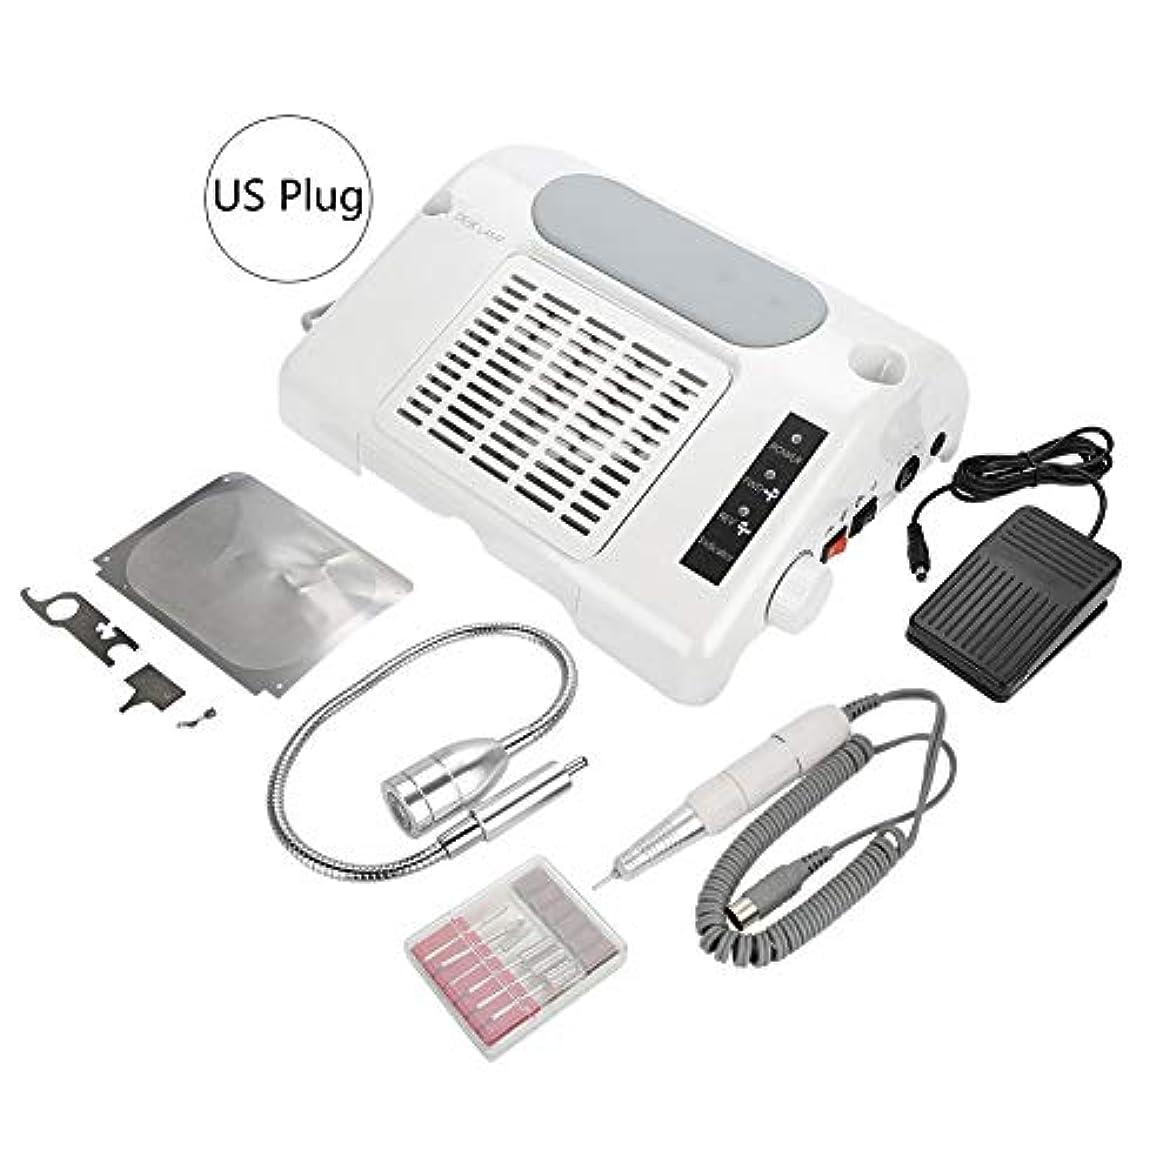 ファブリックエール収縮YOUTHINK 3 in1 電動ネイルドリル 集塵機 65W ネイルポリッシュ機 35000 RPM LEDライトネイルアート機器 手動/ペダルモード LCD表示(USプラグ)